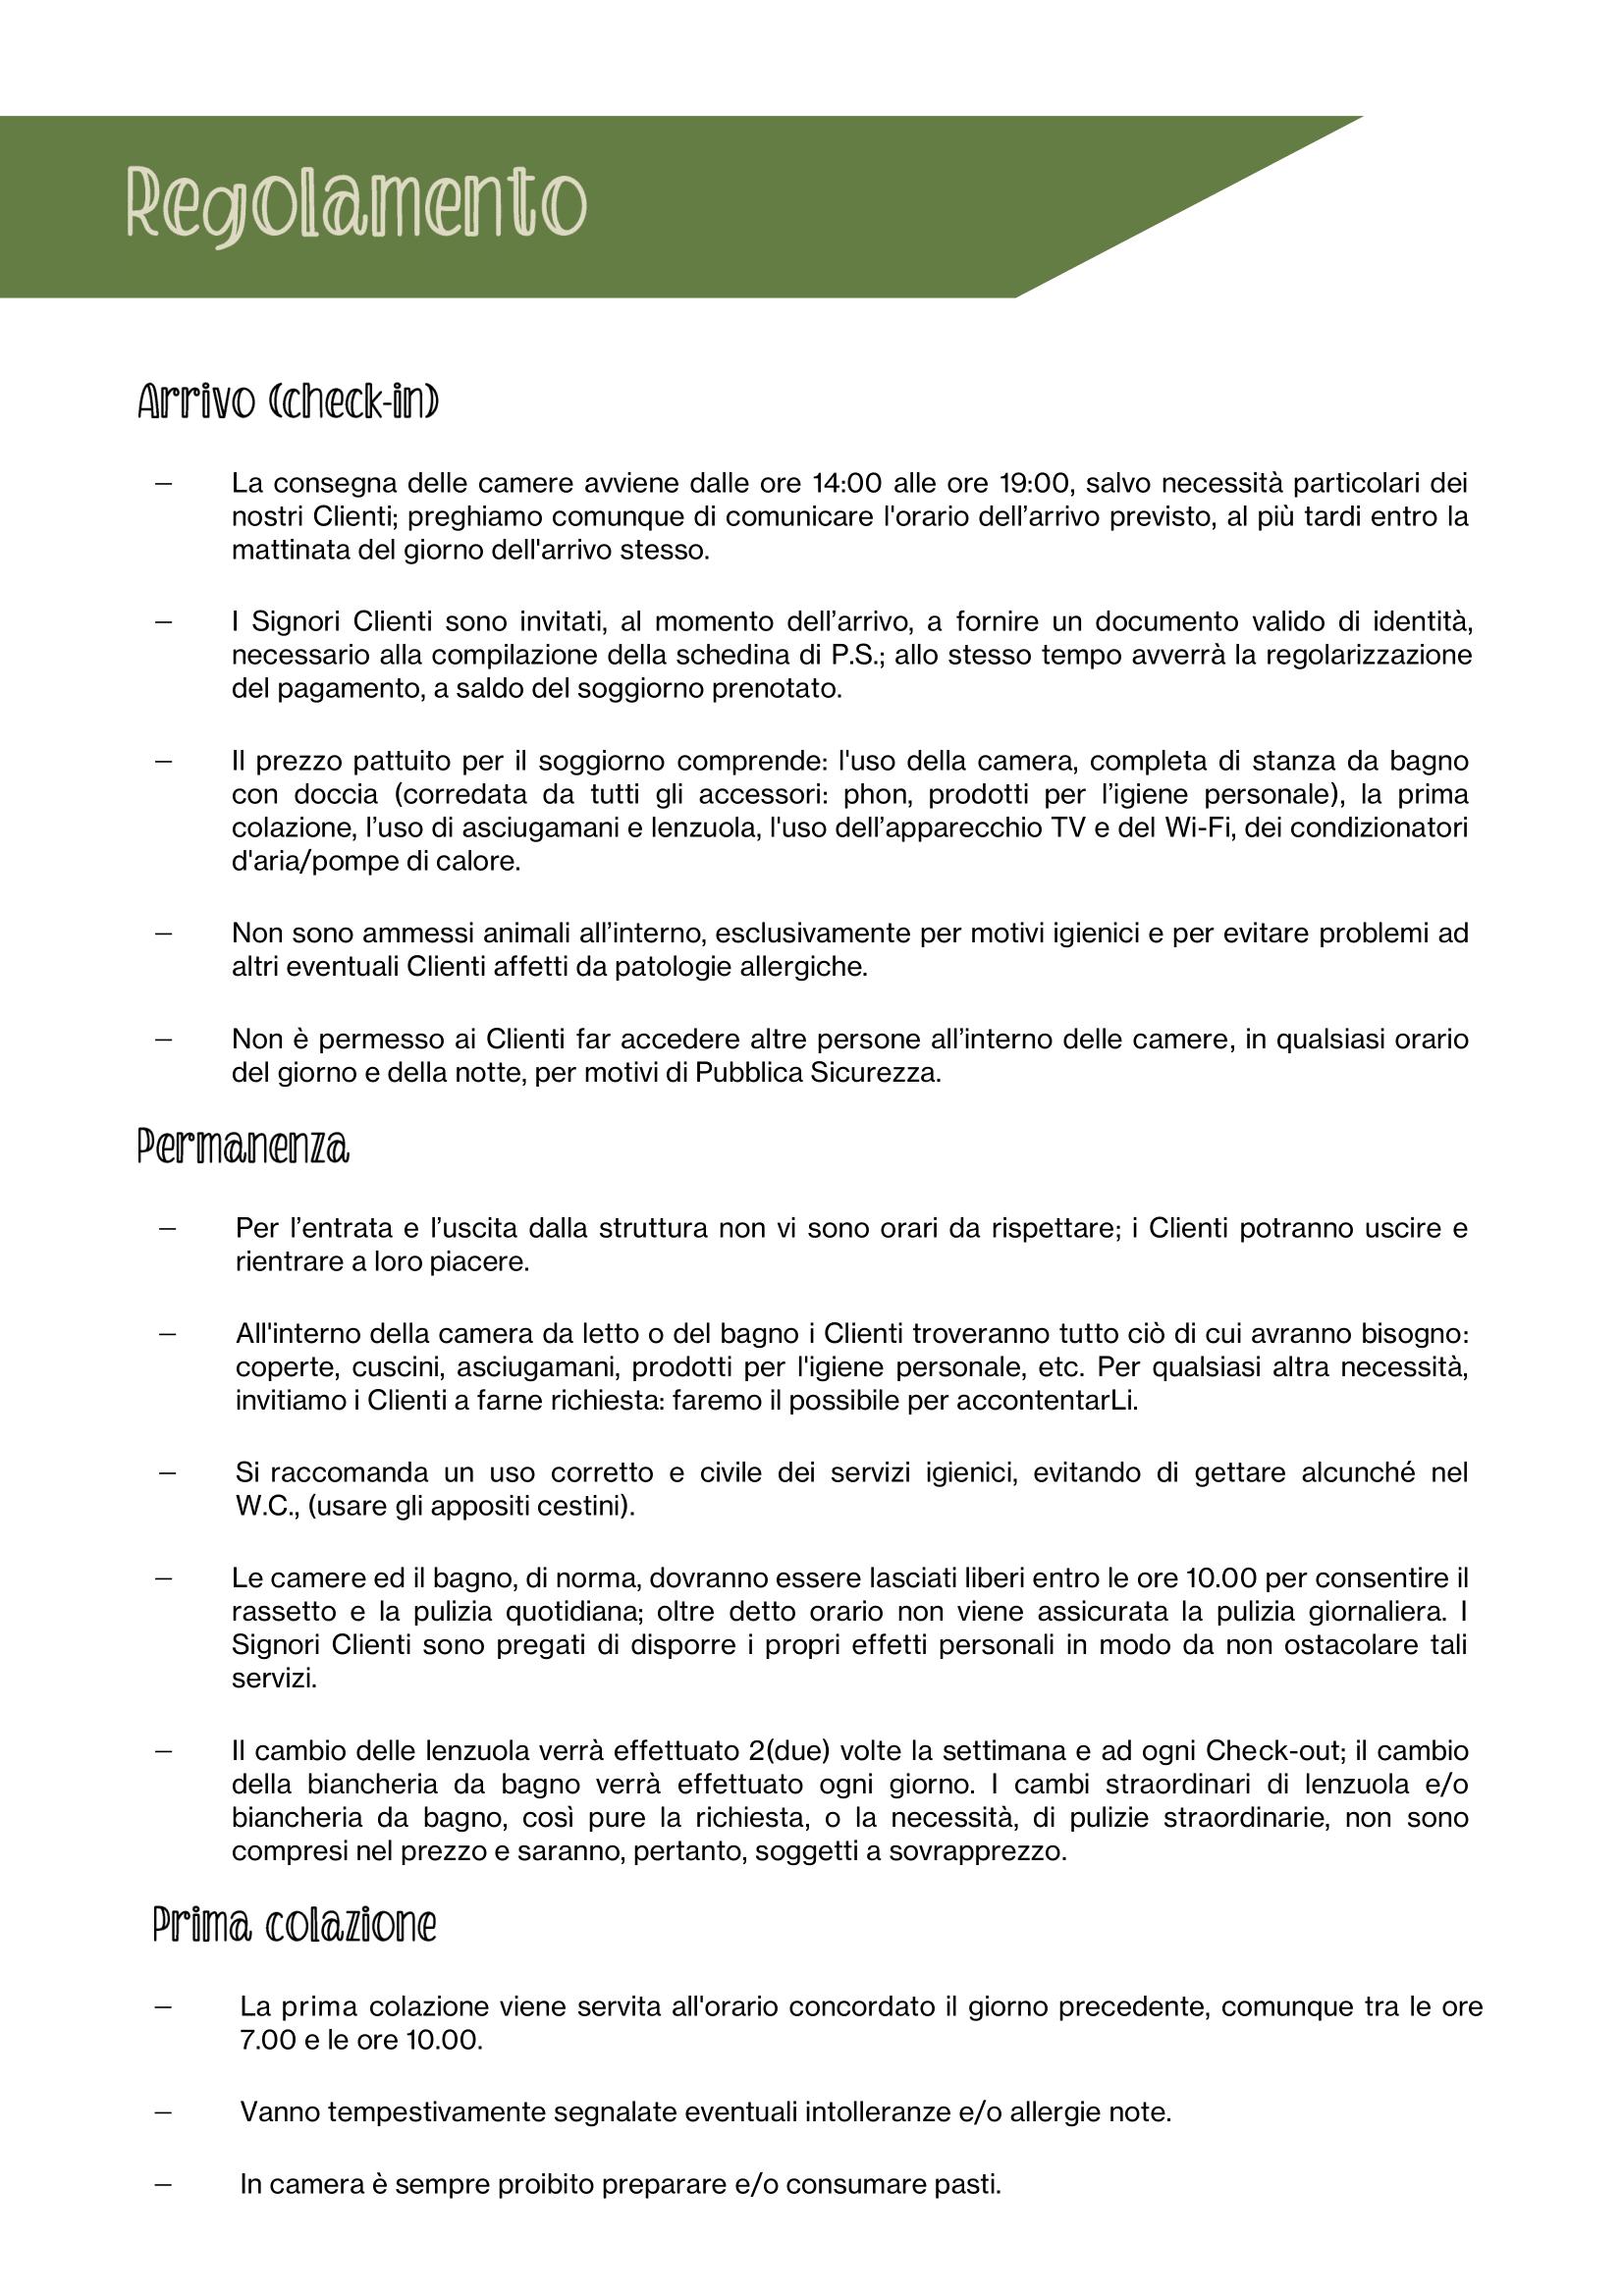 regolamento 1